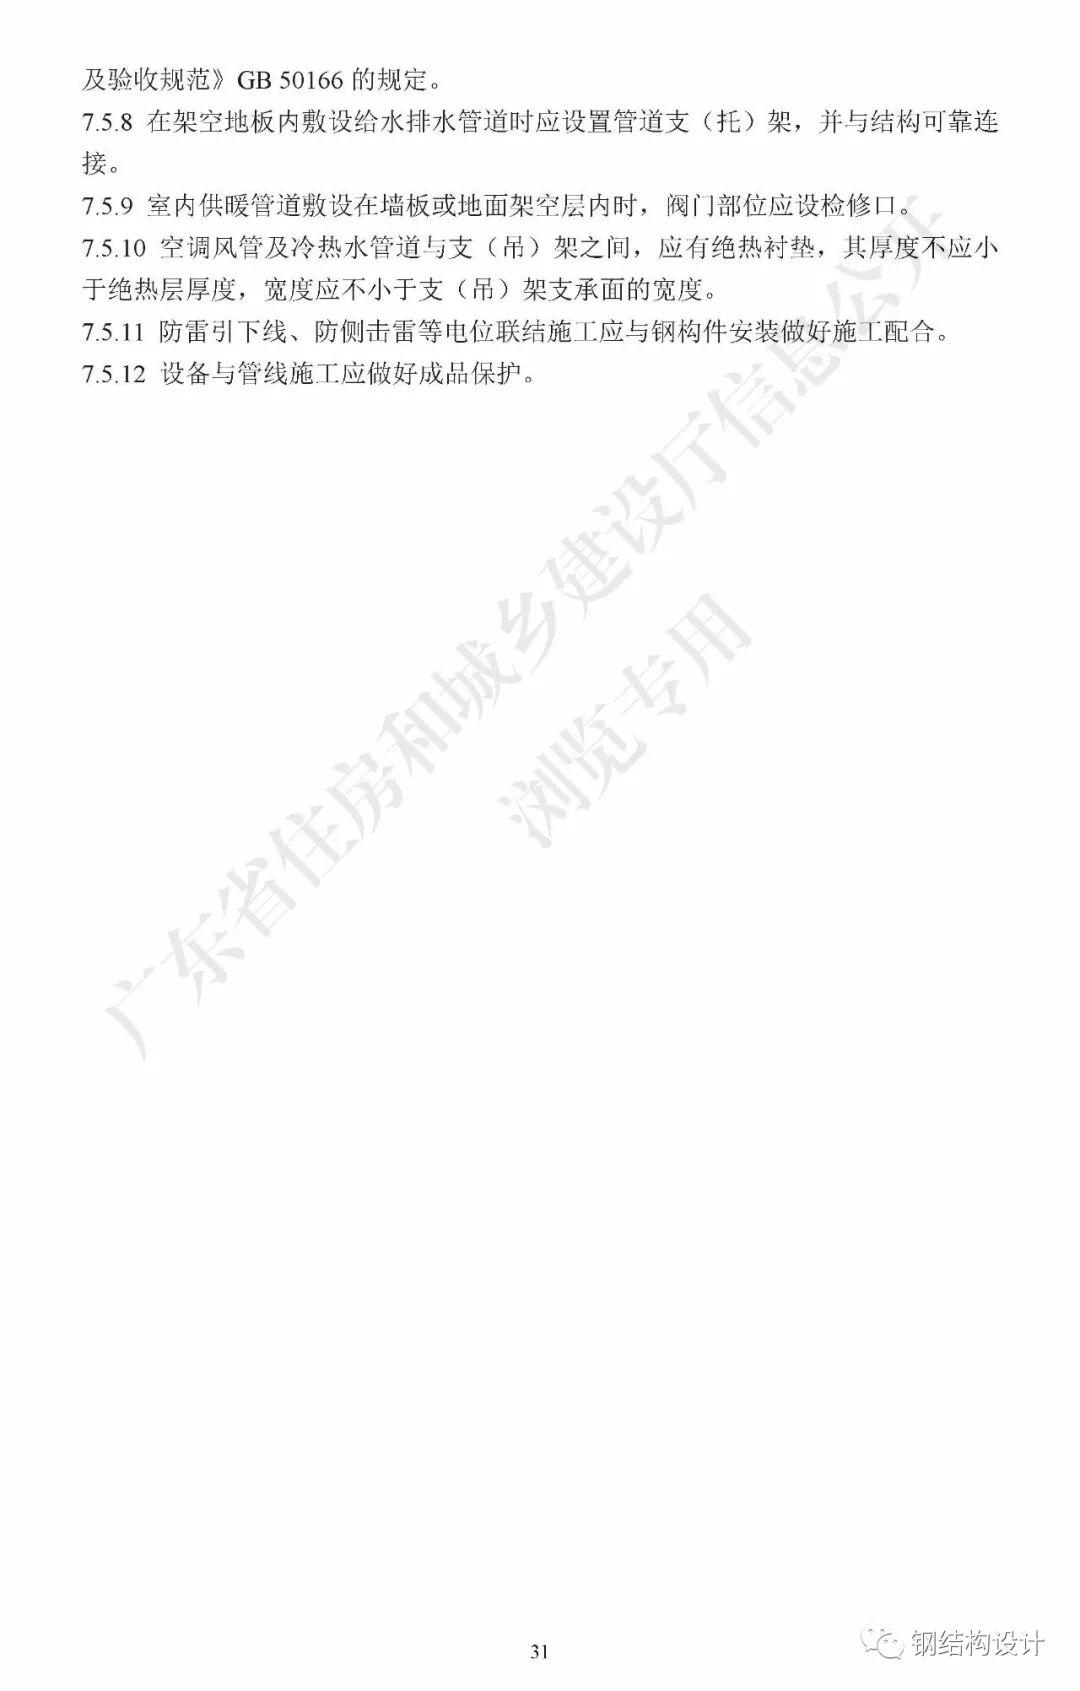 广东省《装配式钢结构建筑技术规程》发布_41